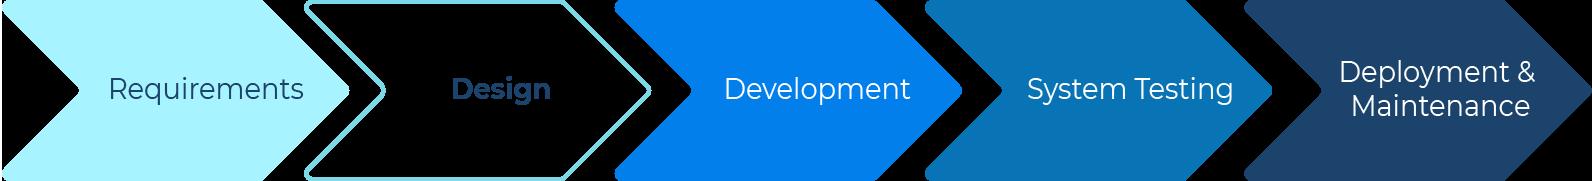 SDLC process design